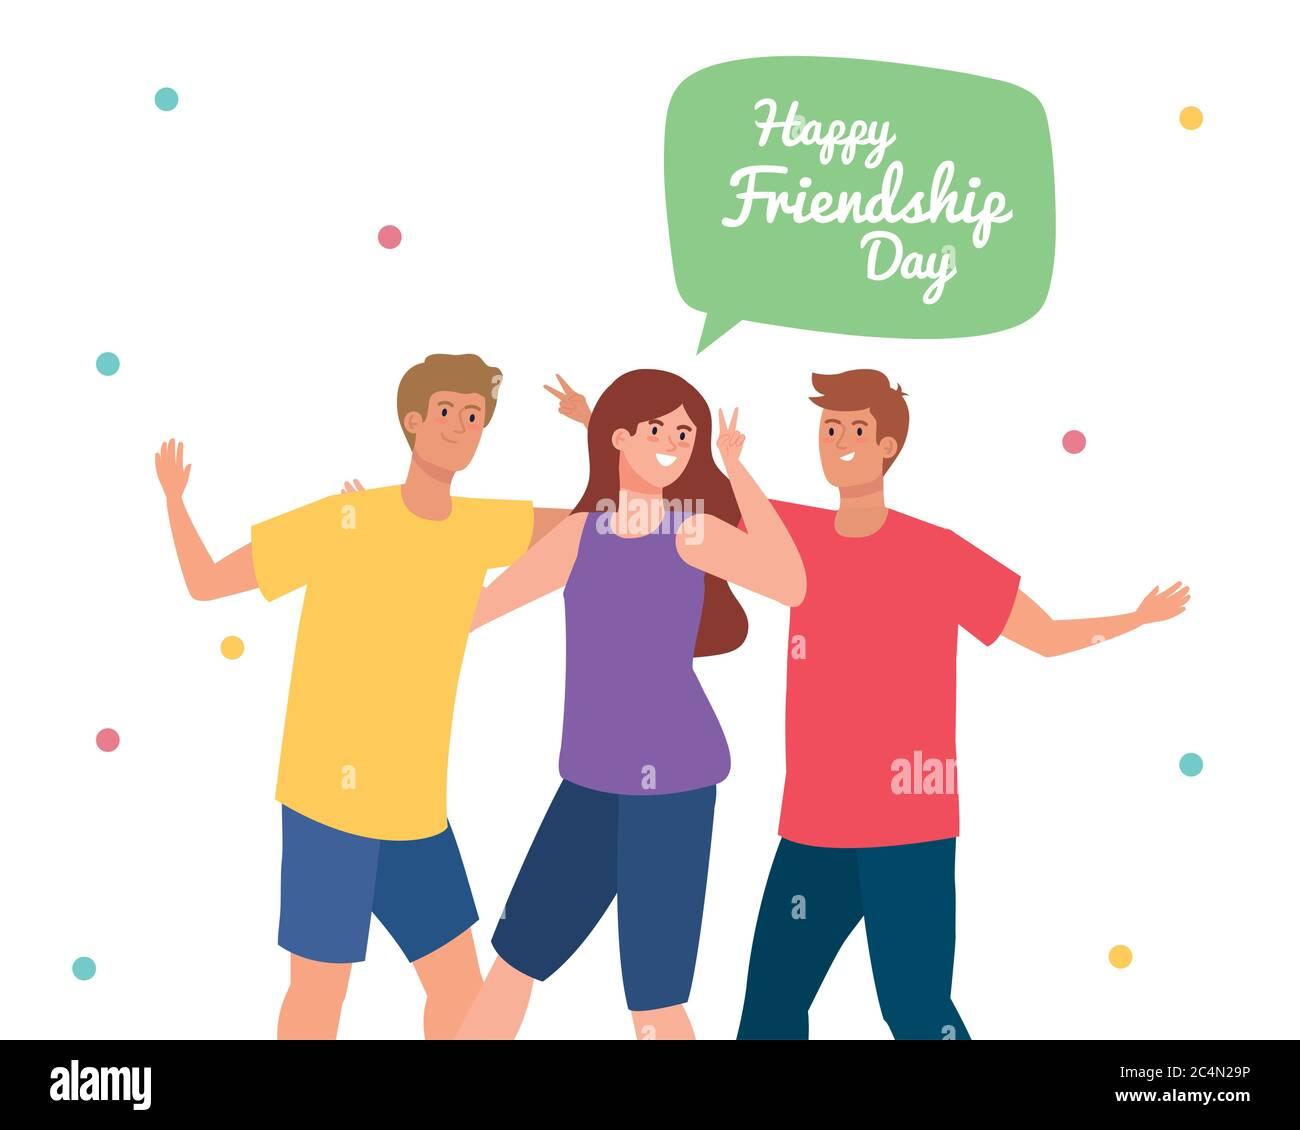 Feliz Dia De La Amistad Jovenes Con Mujer Emocion De La Amistad Alegre Riendo De La Felicidad Imagen Vector De Stock Alamy